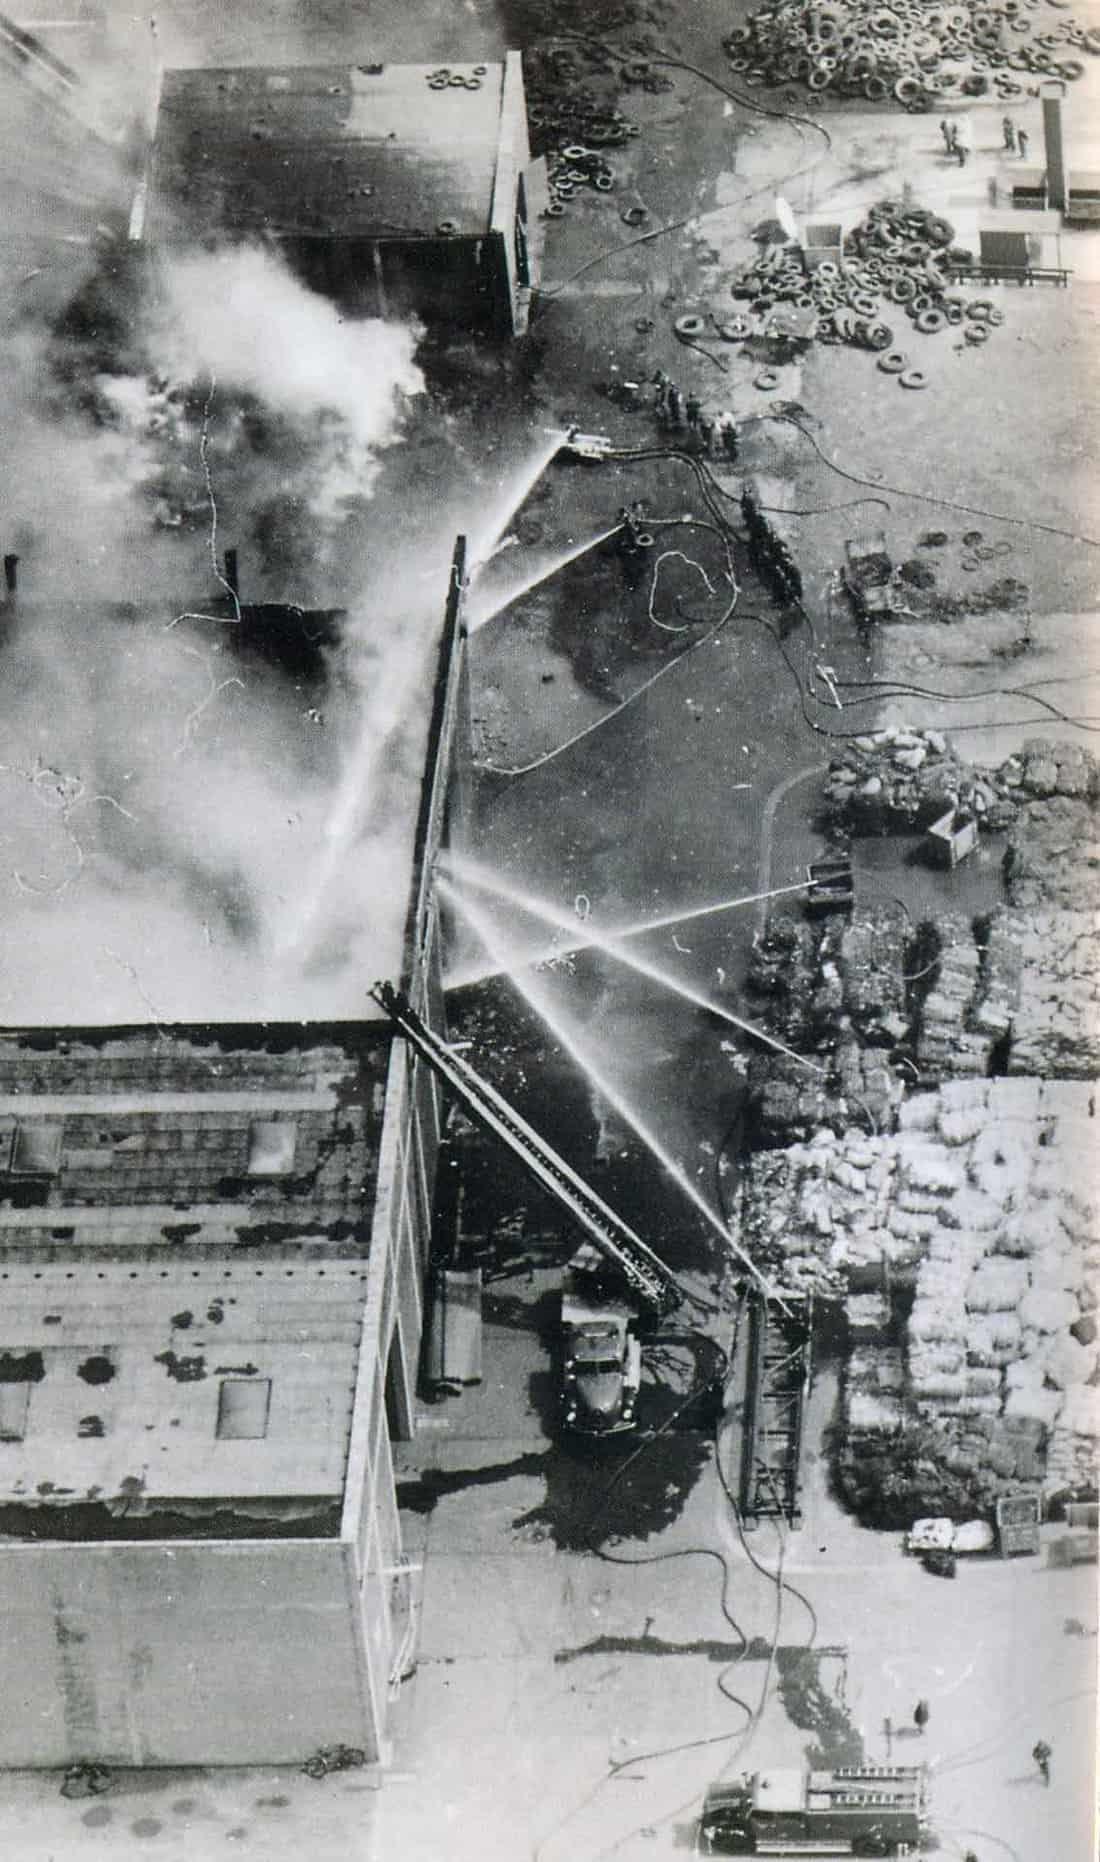 Bei mehreren Großbränden muss die Feuerwehr anrücken.